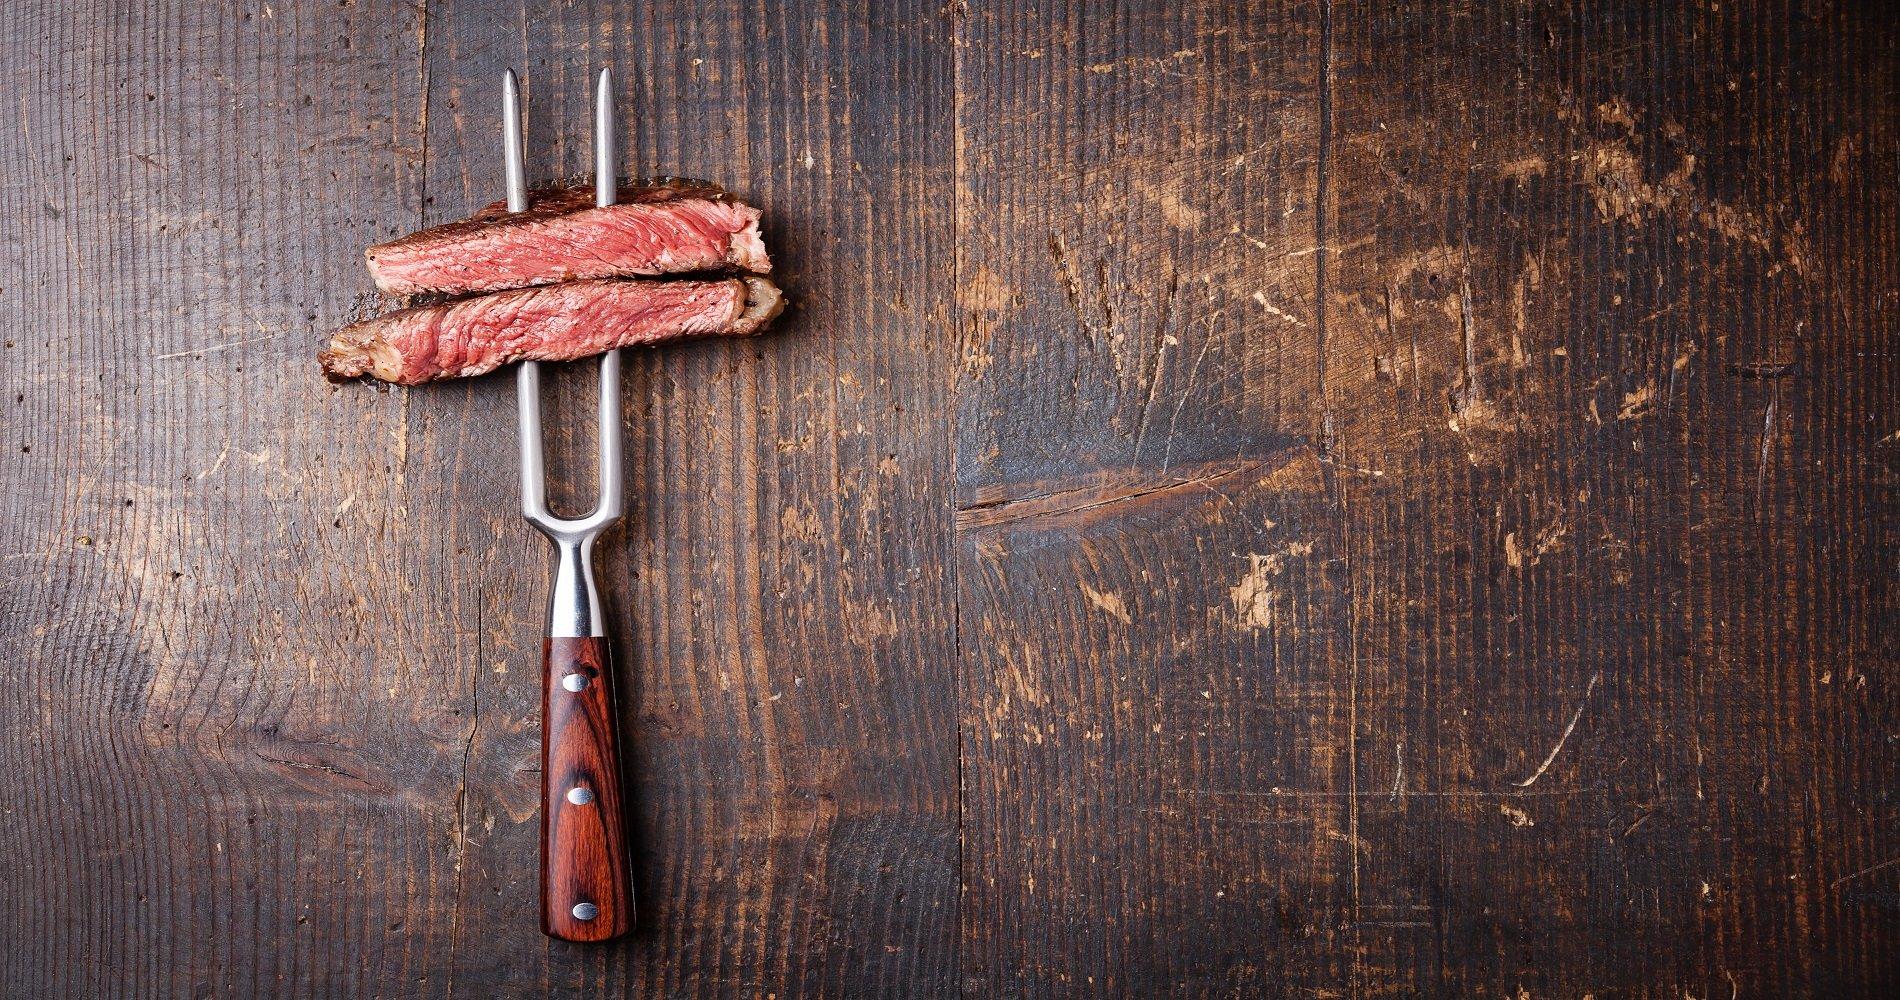 due pezzi di carne in un forchettone